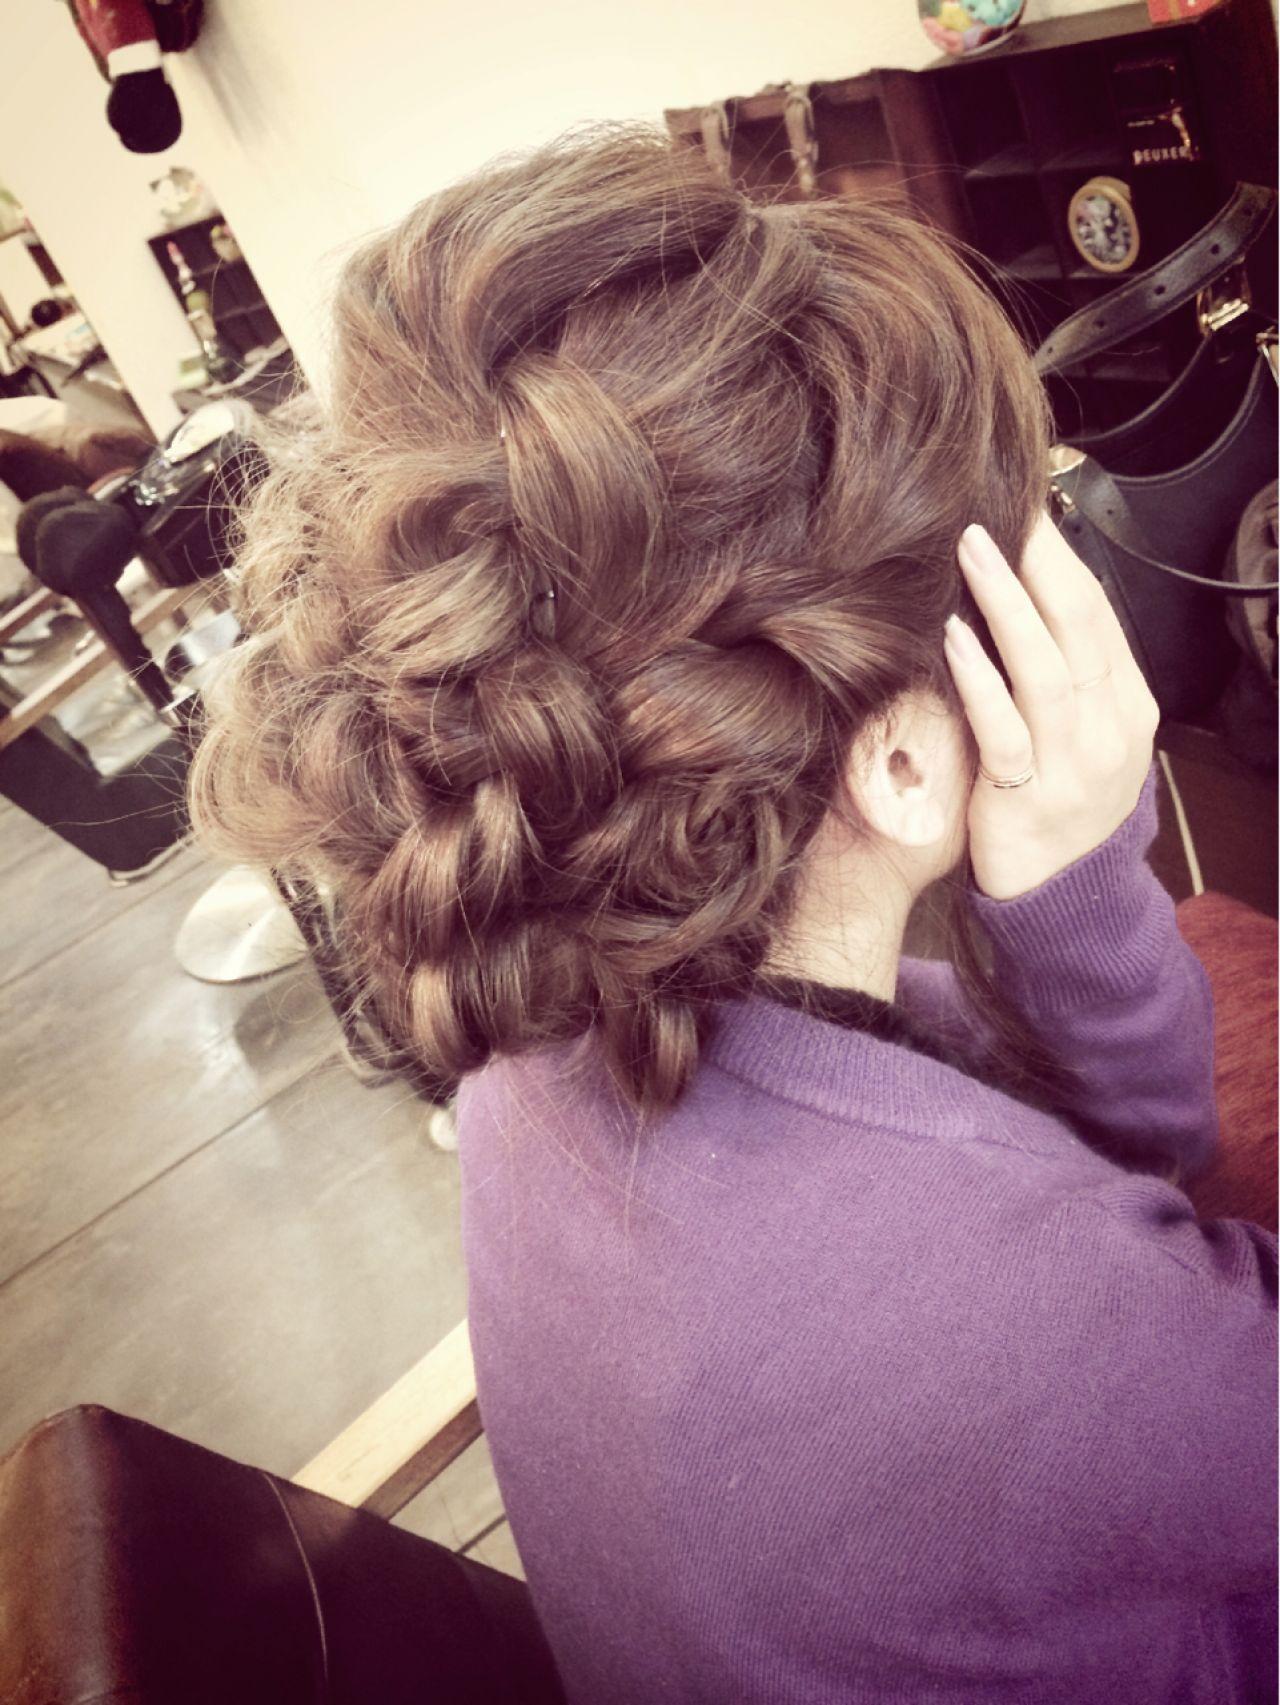 アップスタイル 編み込み ねじり ヘアアレンジ ヘアスタイルや髪型の写真・画像 | 田渕 英和/vicushair / vicushair